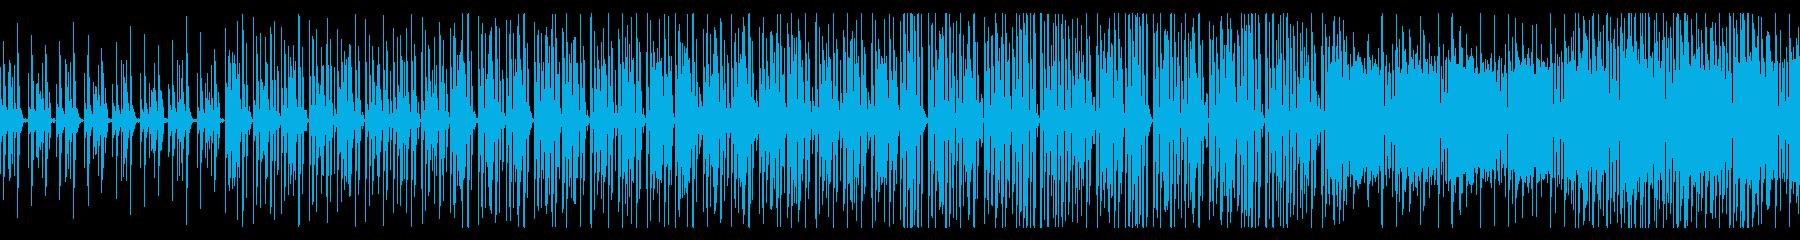 オシャレで爽やかなギターポップの再生済みの波形